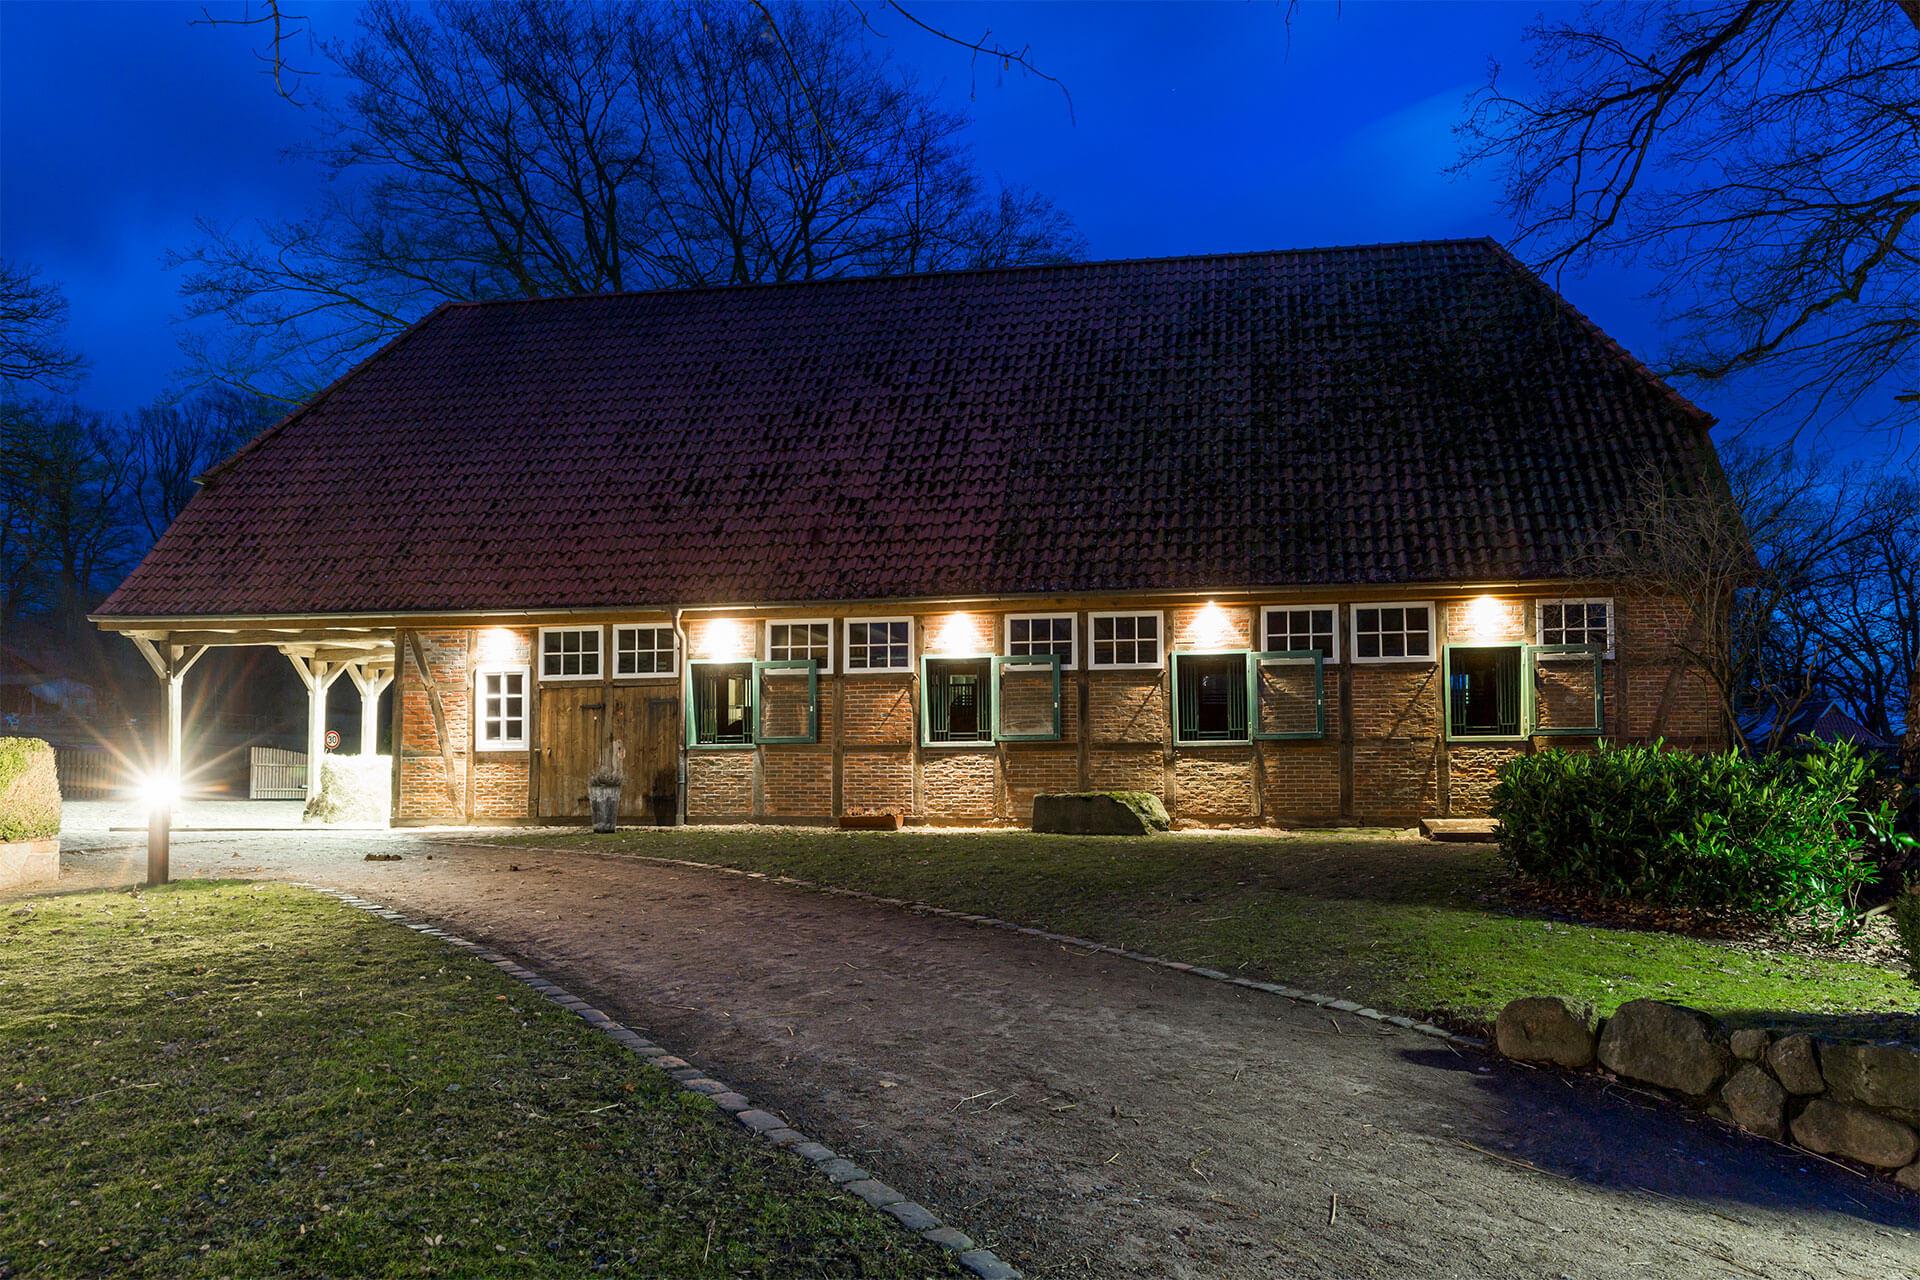 schöner Pferdestall von der Seite mit Blick auf die großen Fensterboxen am Abend